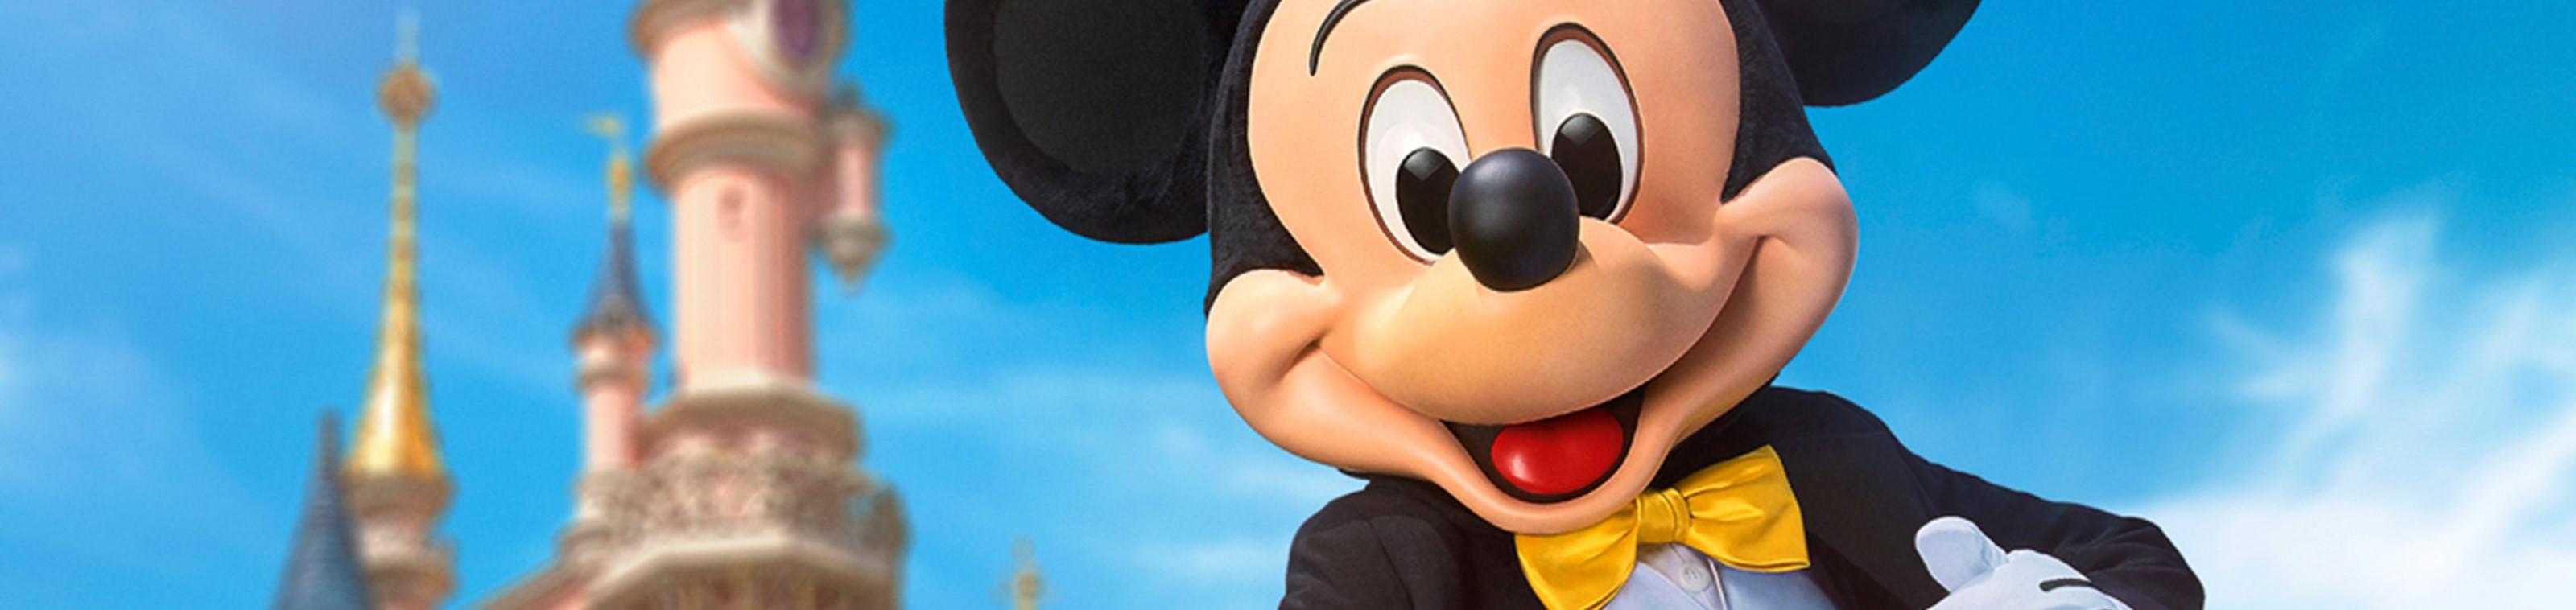 Famtrip Disneyland Paris mei 2019